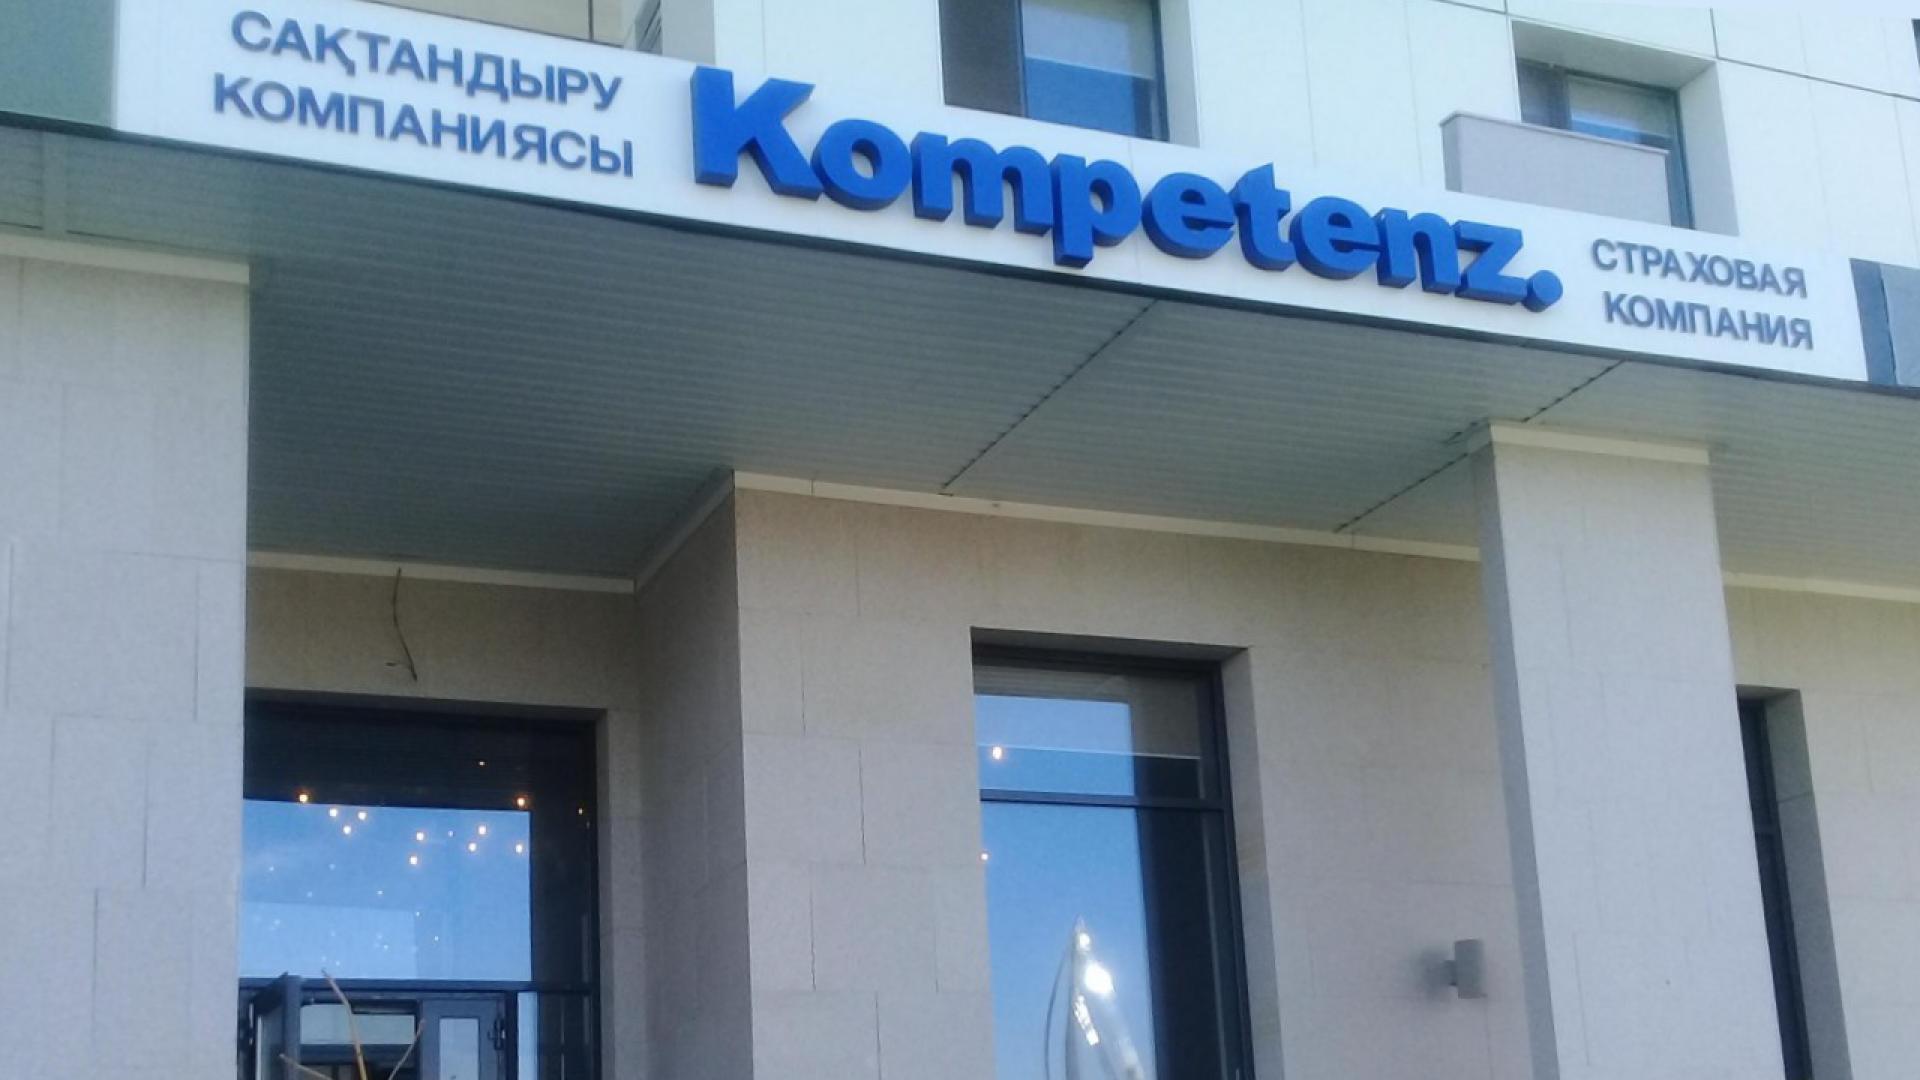 Лишение лицензии СК Kompetenz: судья закрыла процесс по ходатайству Нацбанка